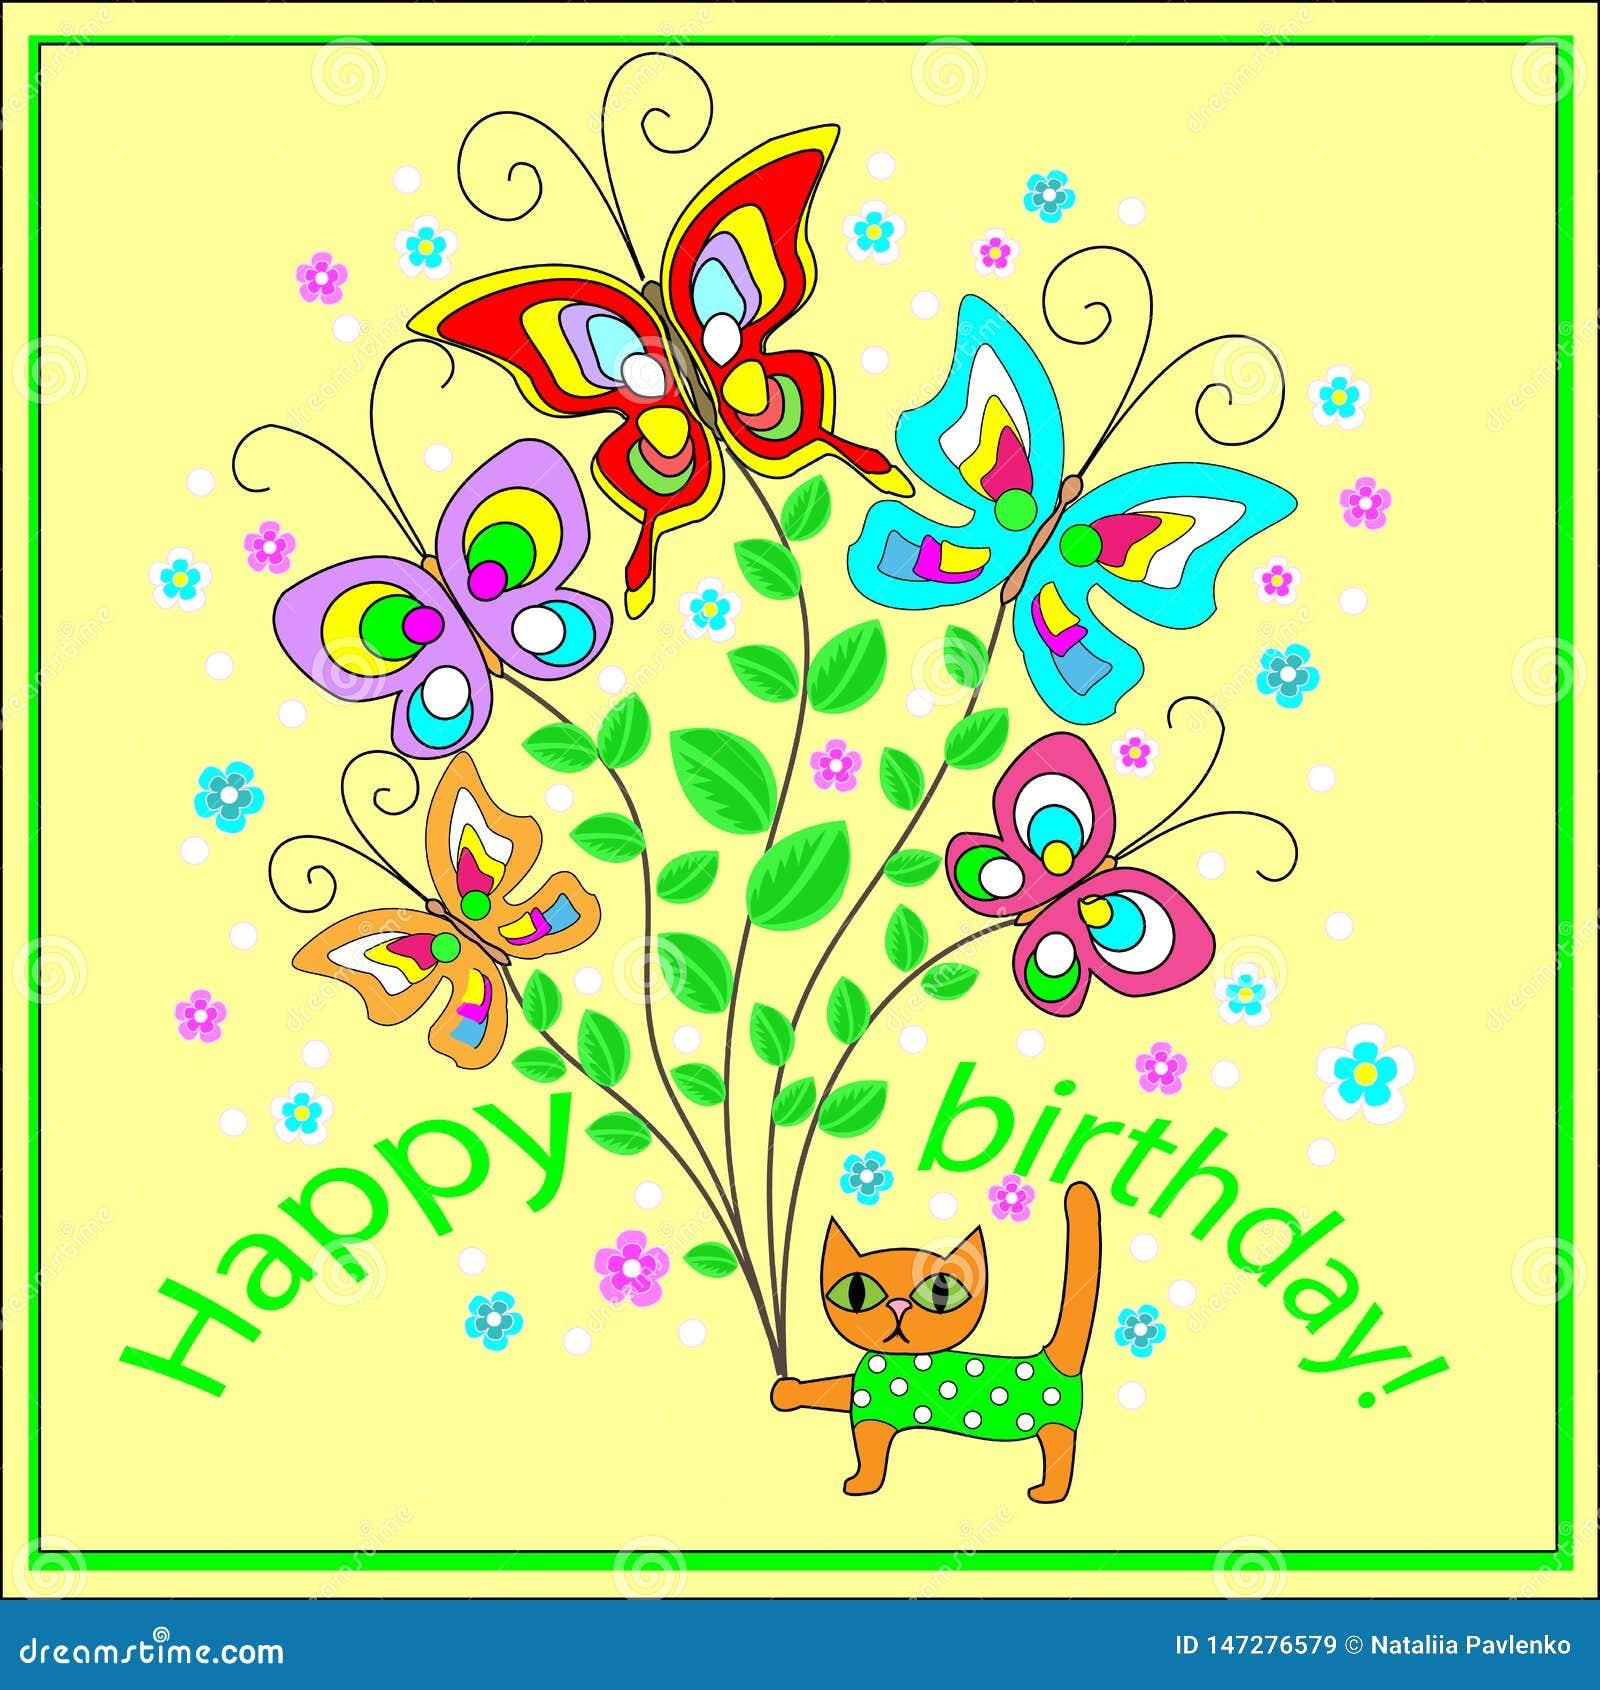 Tarjeta de felicitación original con un feliz cumpleaños Un ramo de felices mariposas que agitan, creando un humor festivo de una